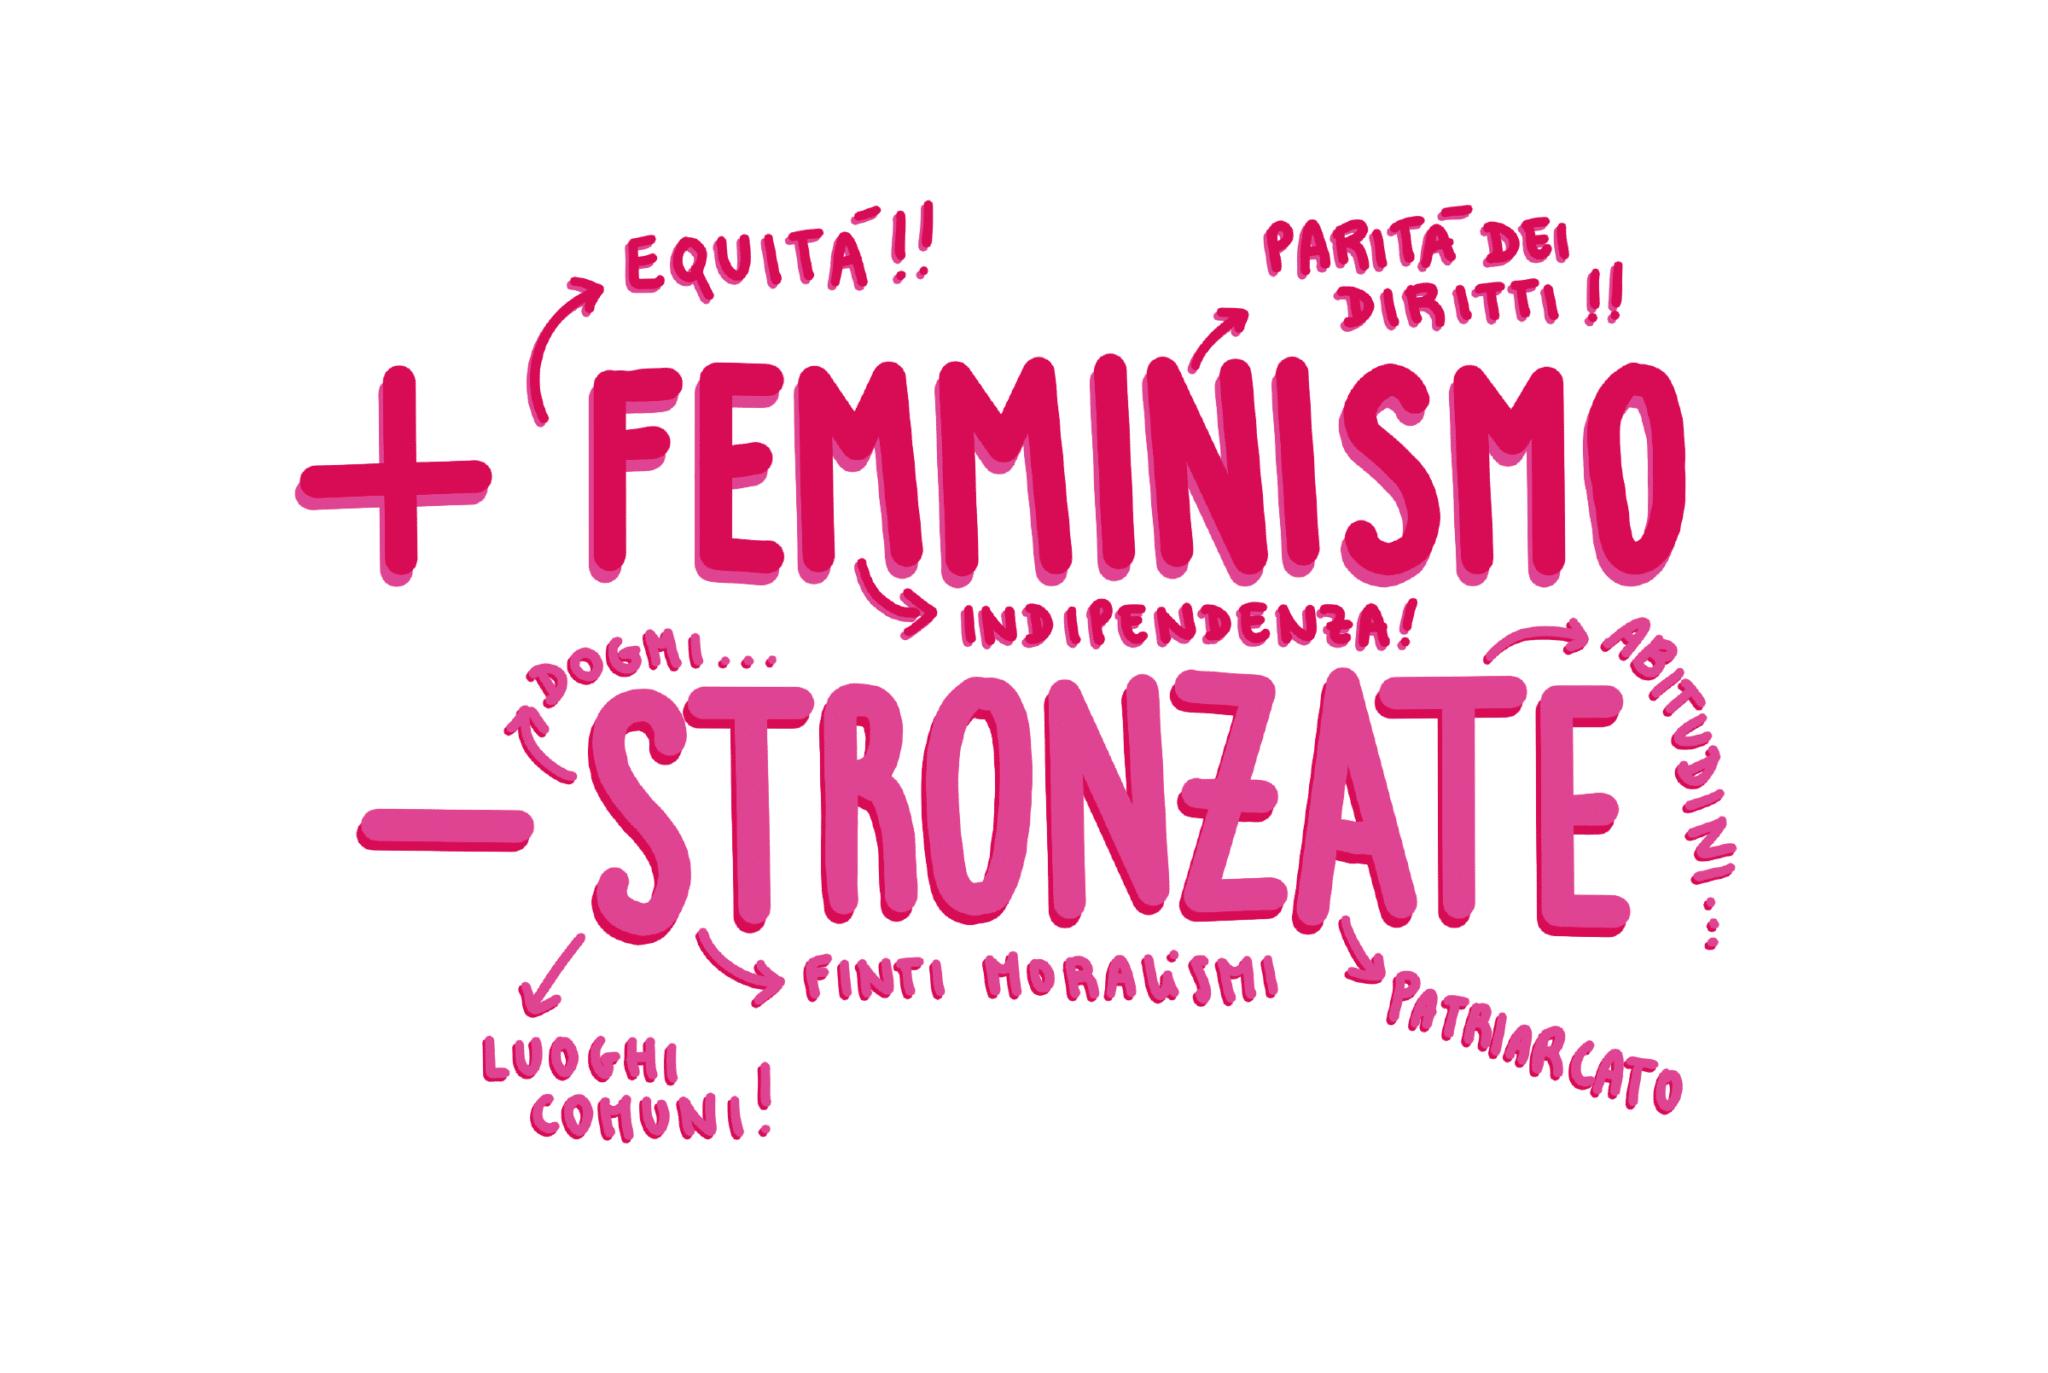 Politiche femministe e reddito di base.